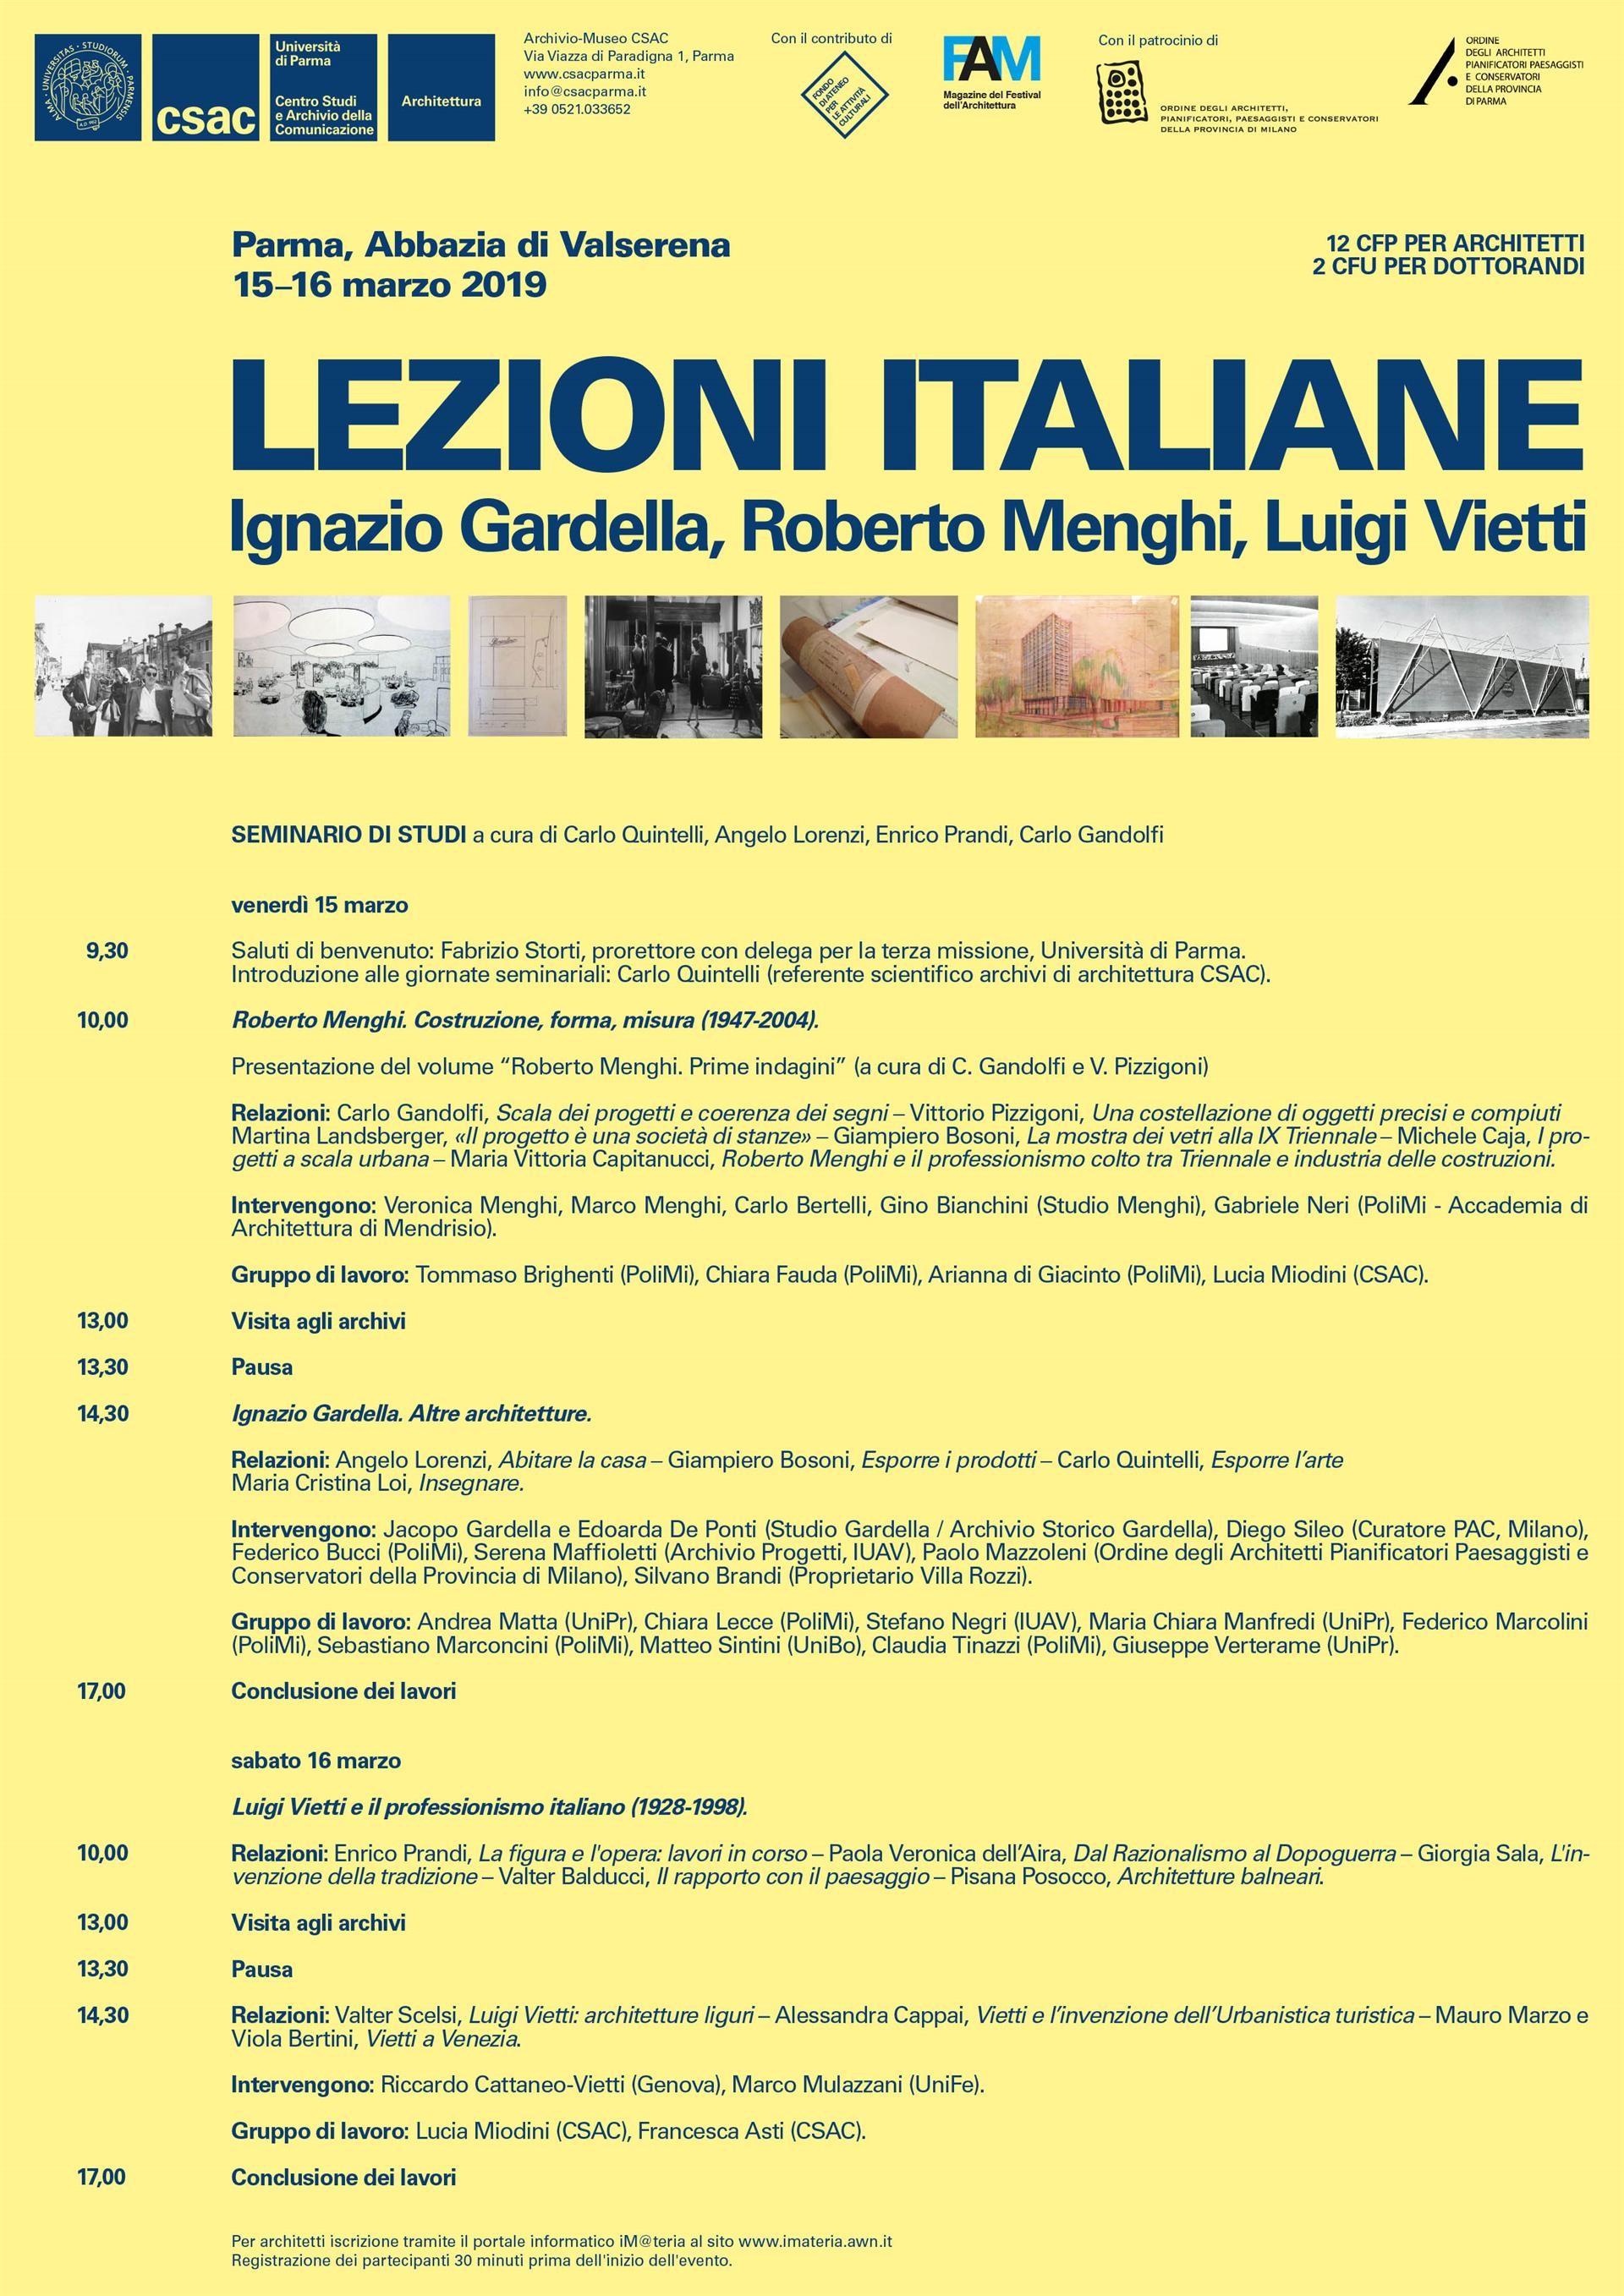 """""""LEZIONI ITALIANE"""" incentrato sulle figure di tre maestri dell'architettura italiana del Novecento: Ignazio Gardella, Roberto Menghi, Luigi Vietti."""